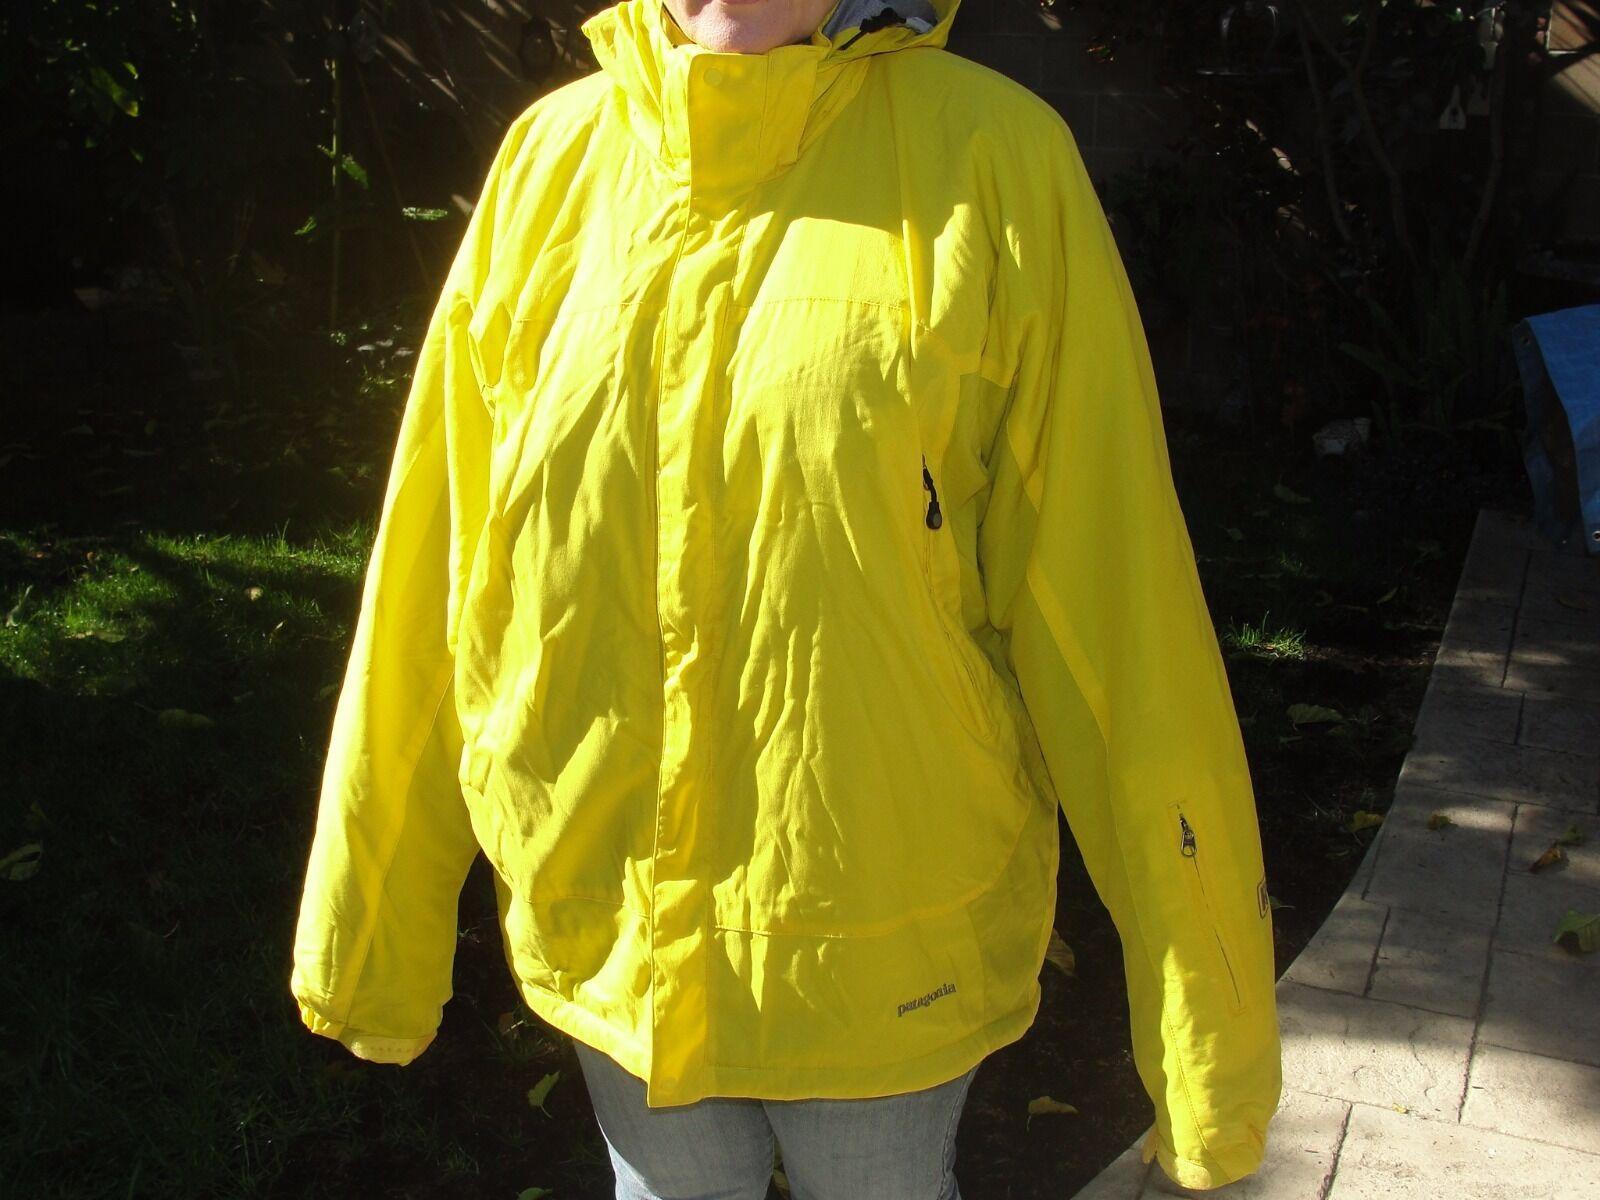 XL férfi PARIGONIA JACKET kabát héj meleg kültéri sárga hótakaró sífutás